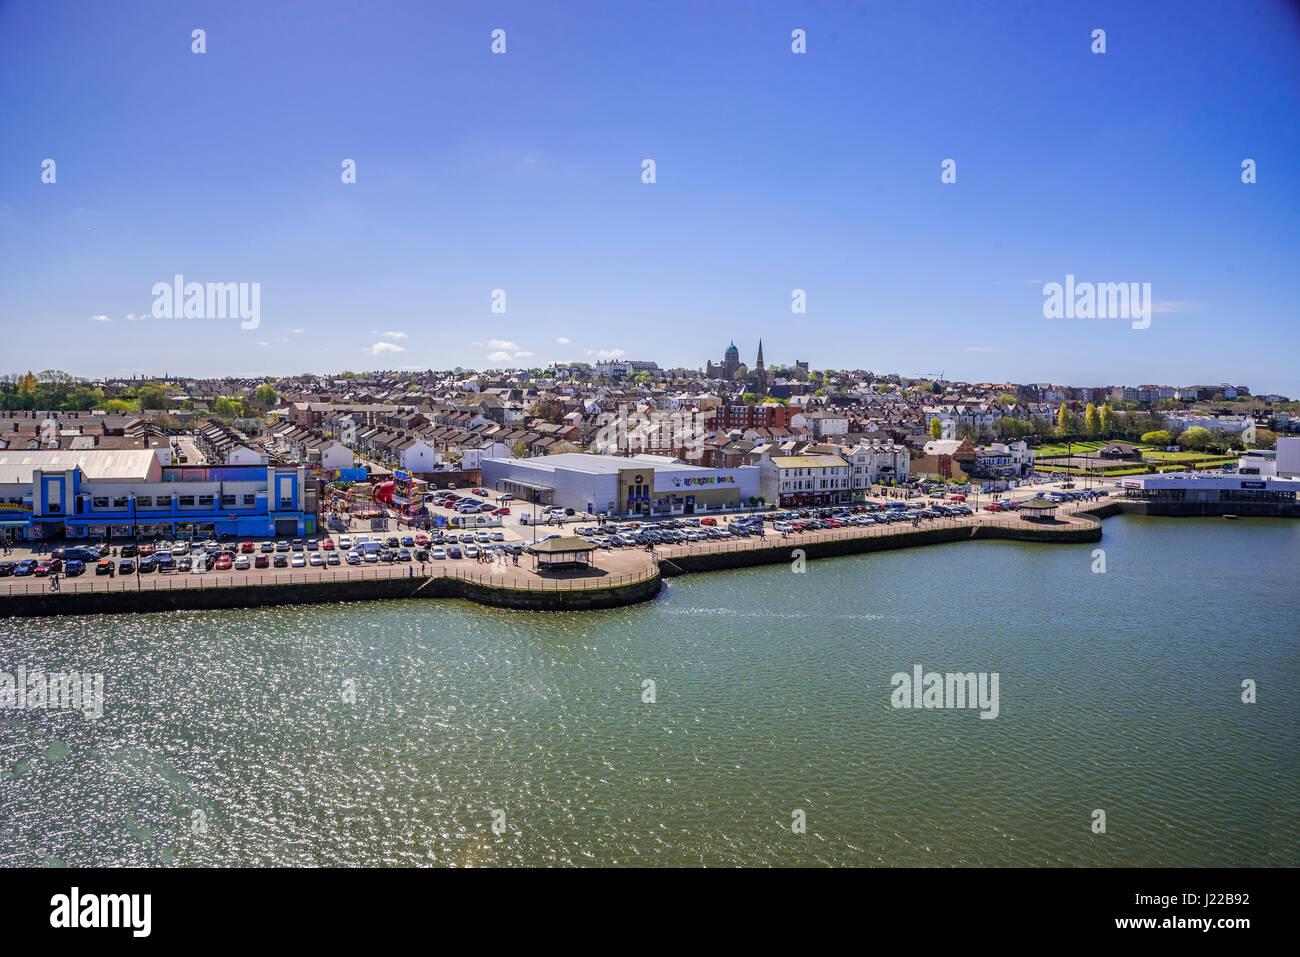 New Brighton marine lake and waterfront. - Stock Image